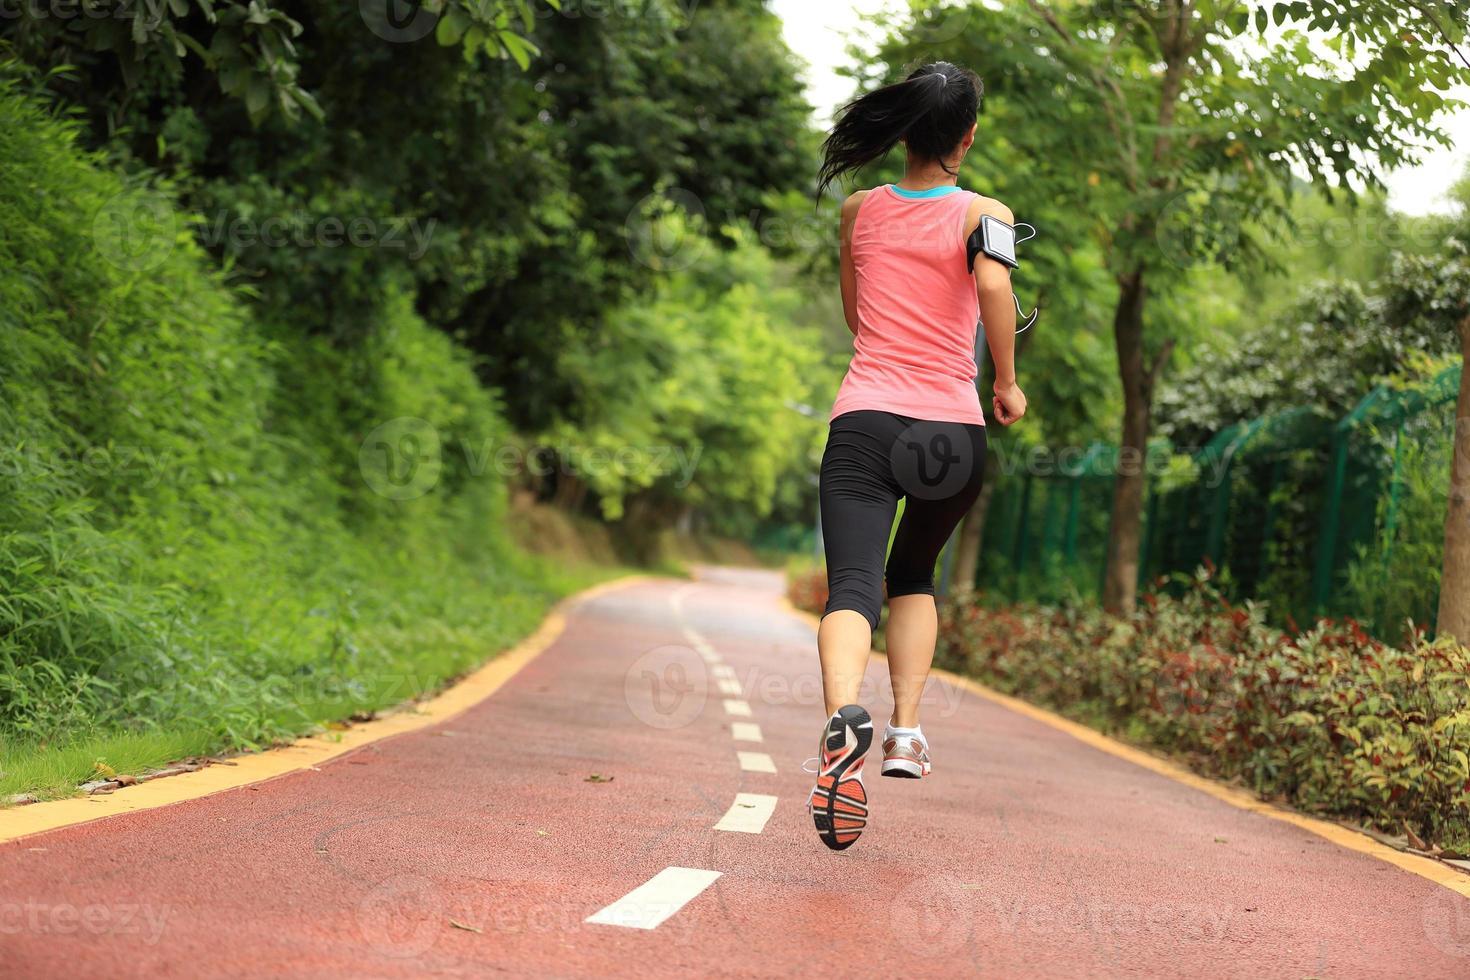 junge Frau, die durch einen Parkweg läuft foto